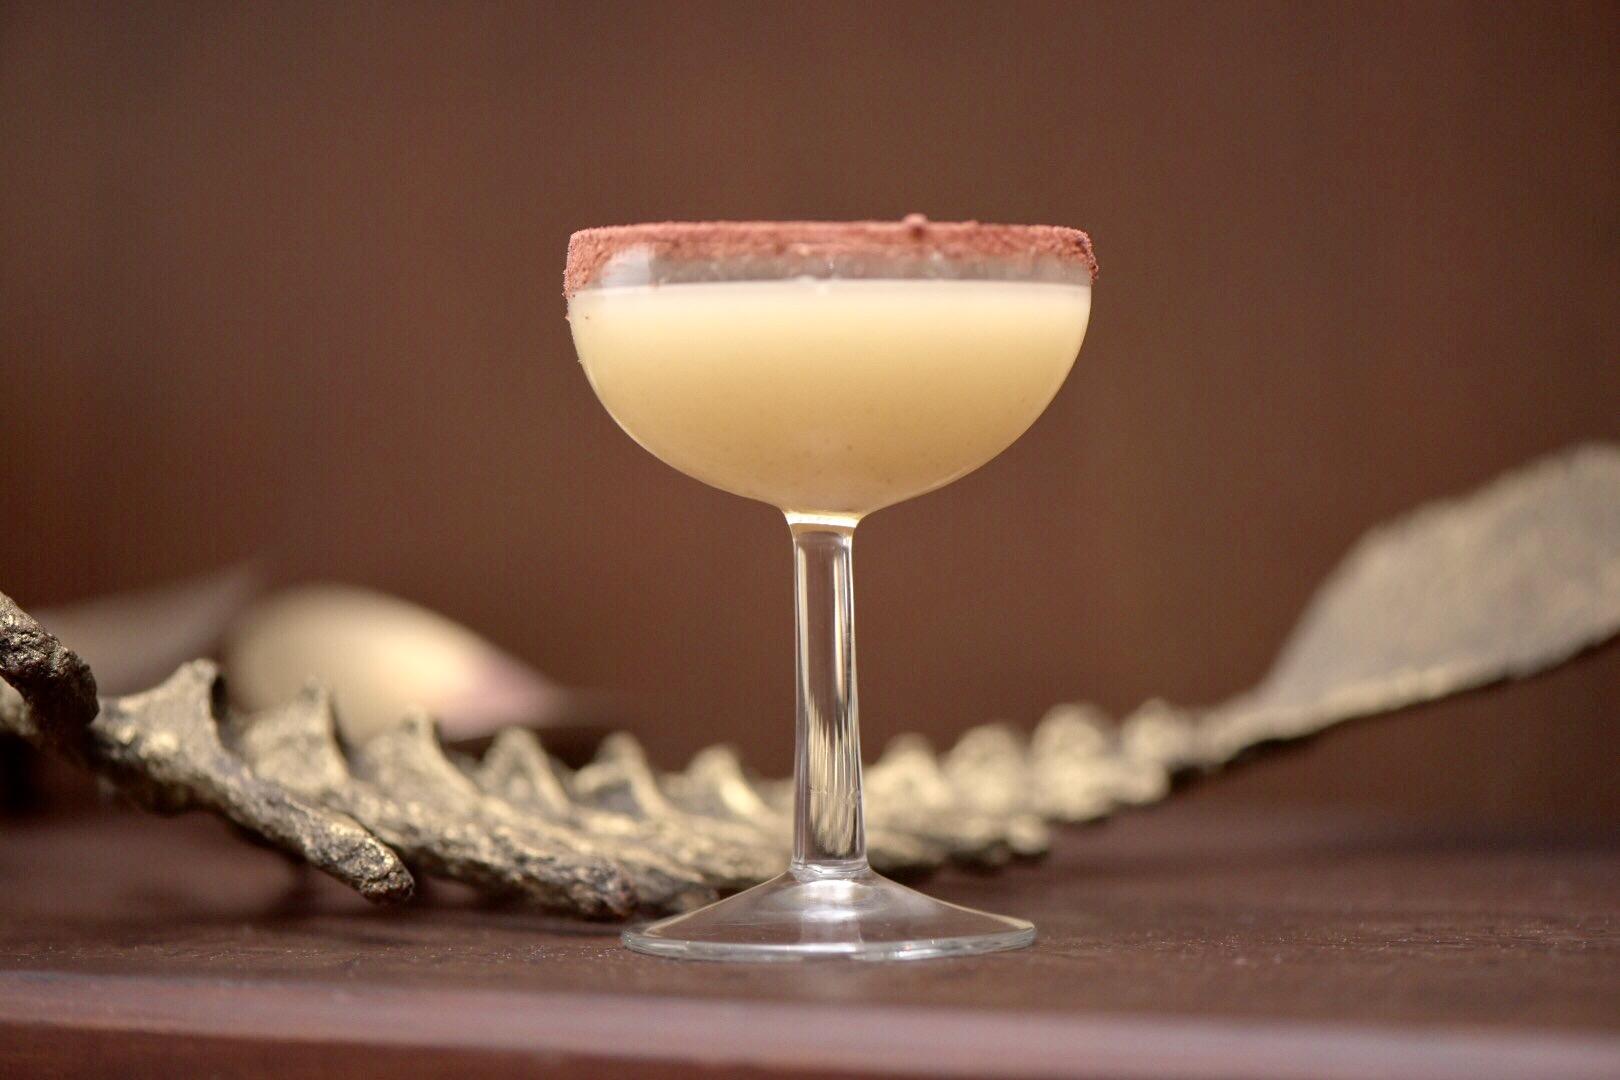 La plataforma comercial que potencia al negocio del alcohol en México y LATAM